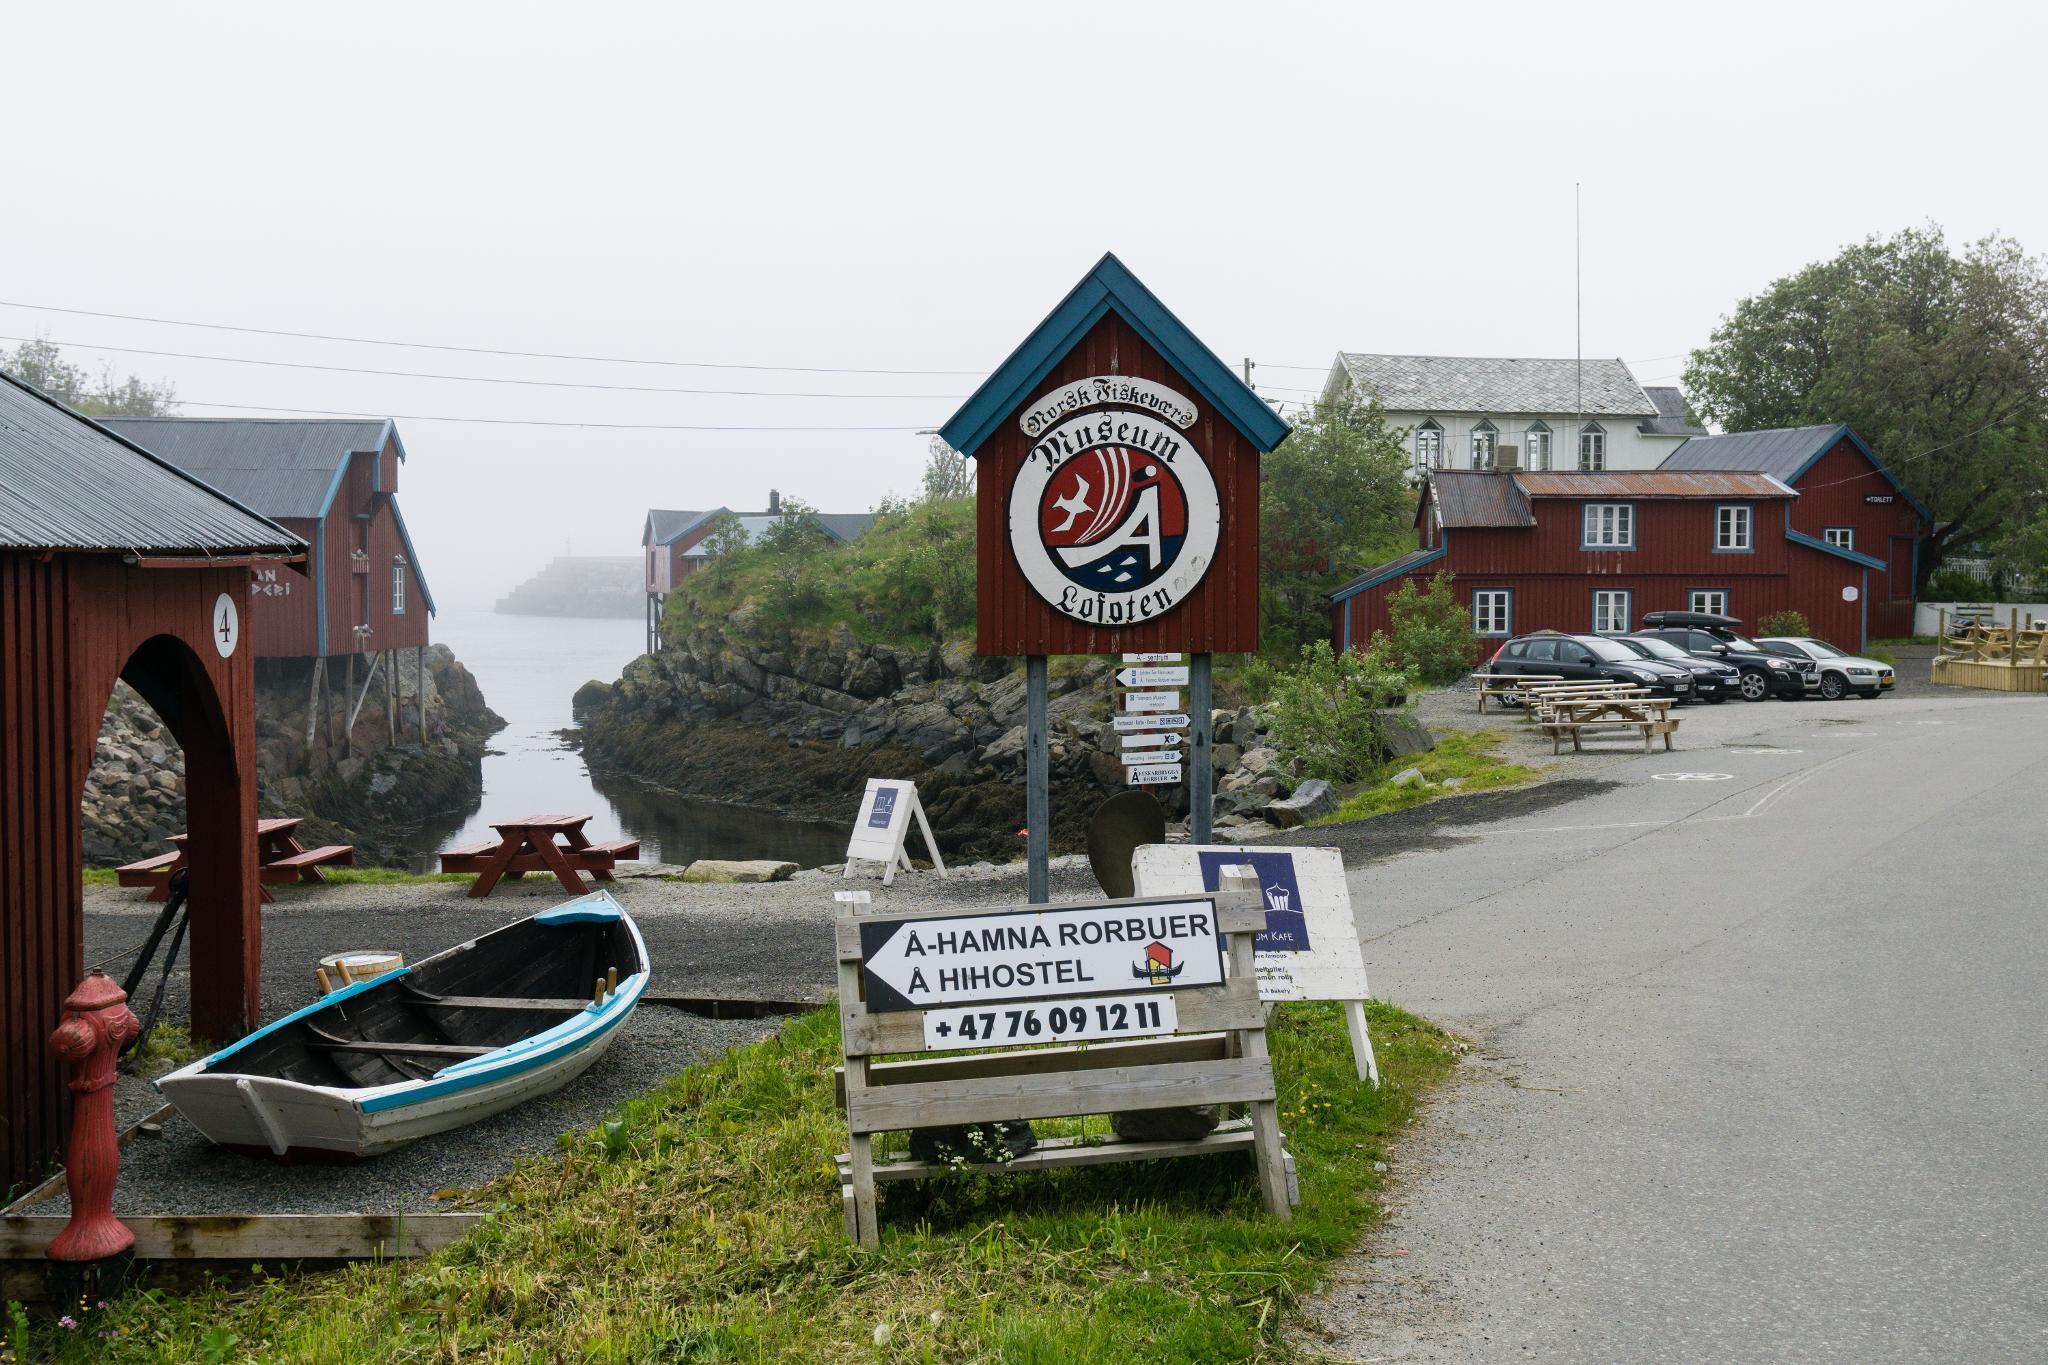 【羅弗敦群島】世界最短的地名 - Å 奧鎮 6